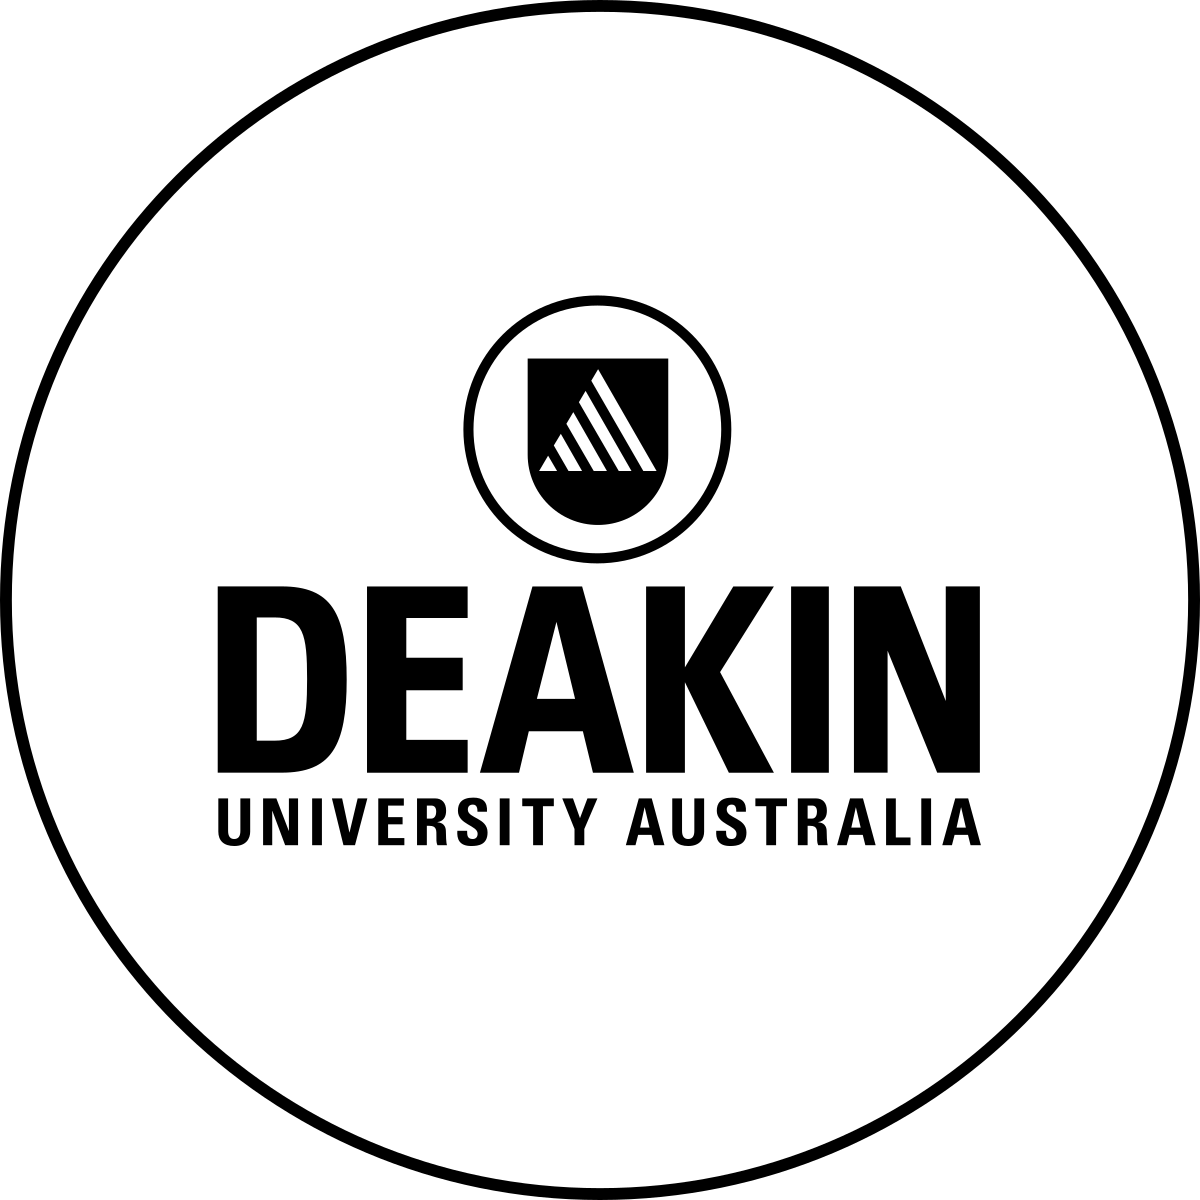 Deakin_University.png